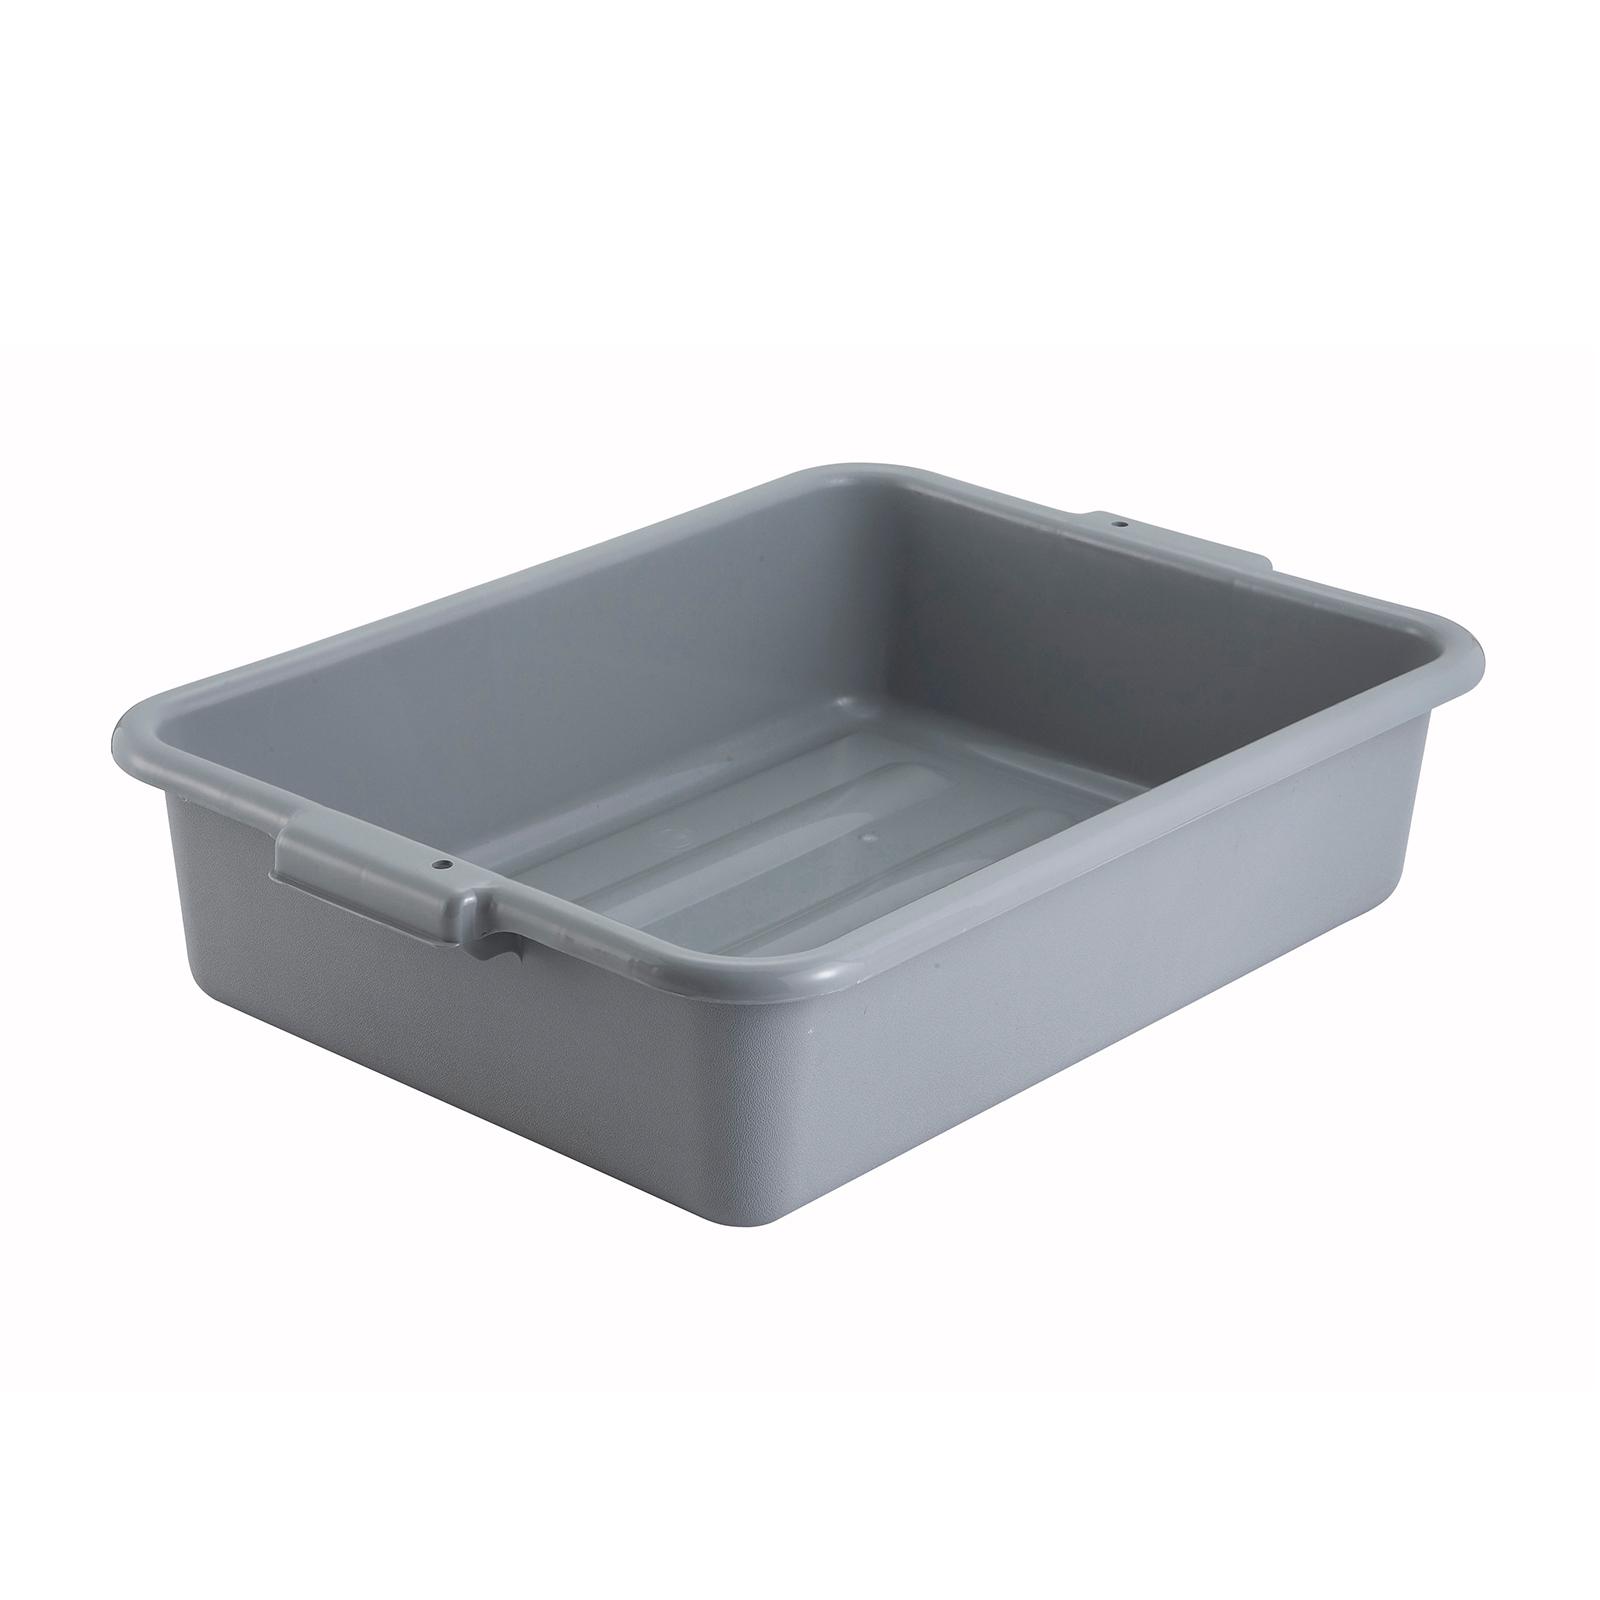 Winco PL-5G bus box / tub